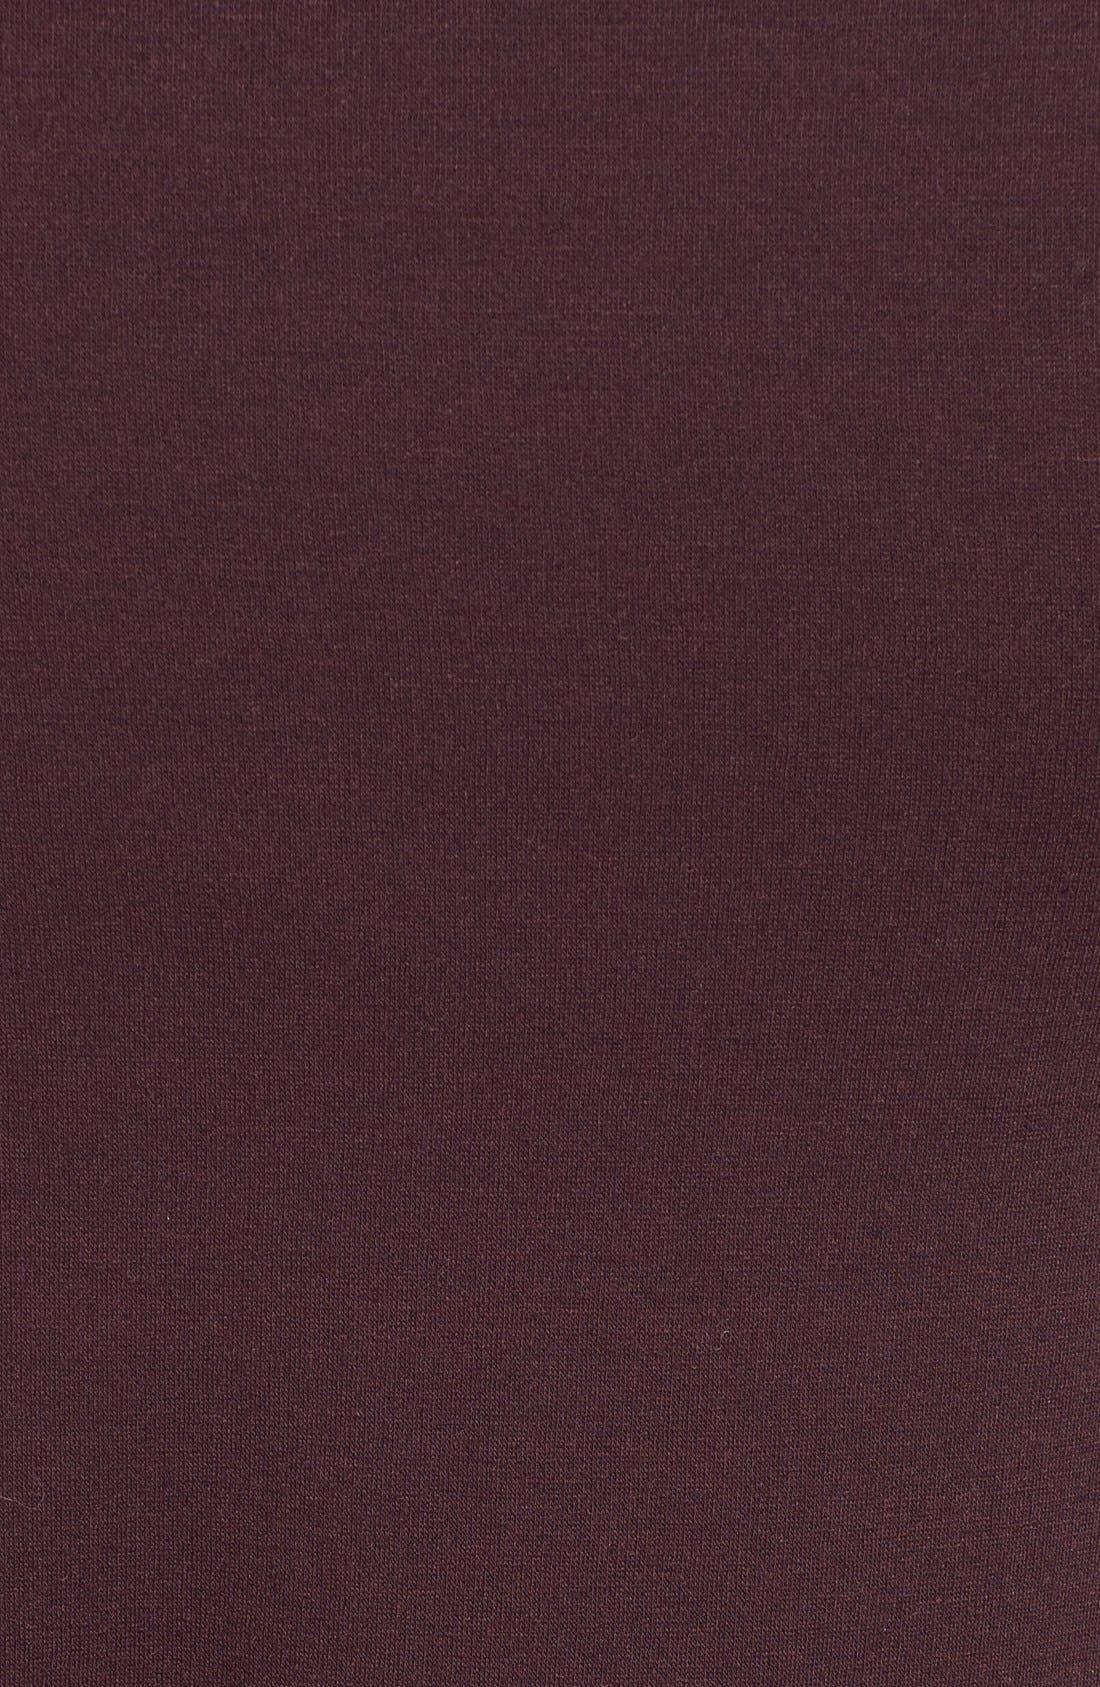 Alternate Image 5  - Bobeau One-Button Fleece Wrap Cardigan (Regular & Petite)